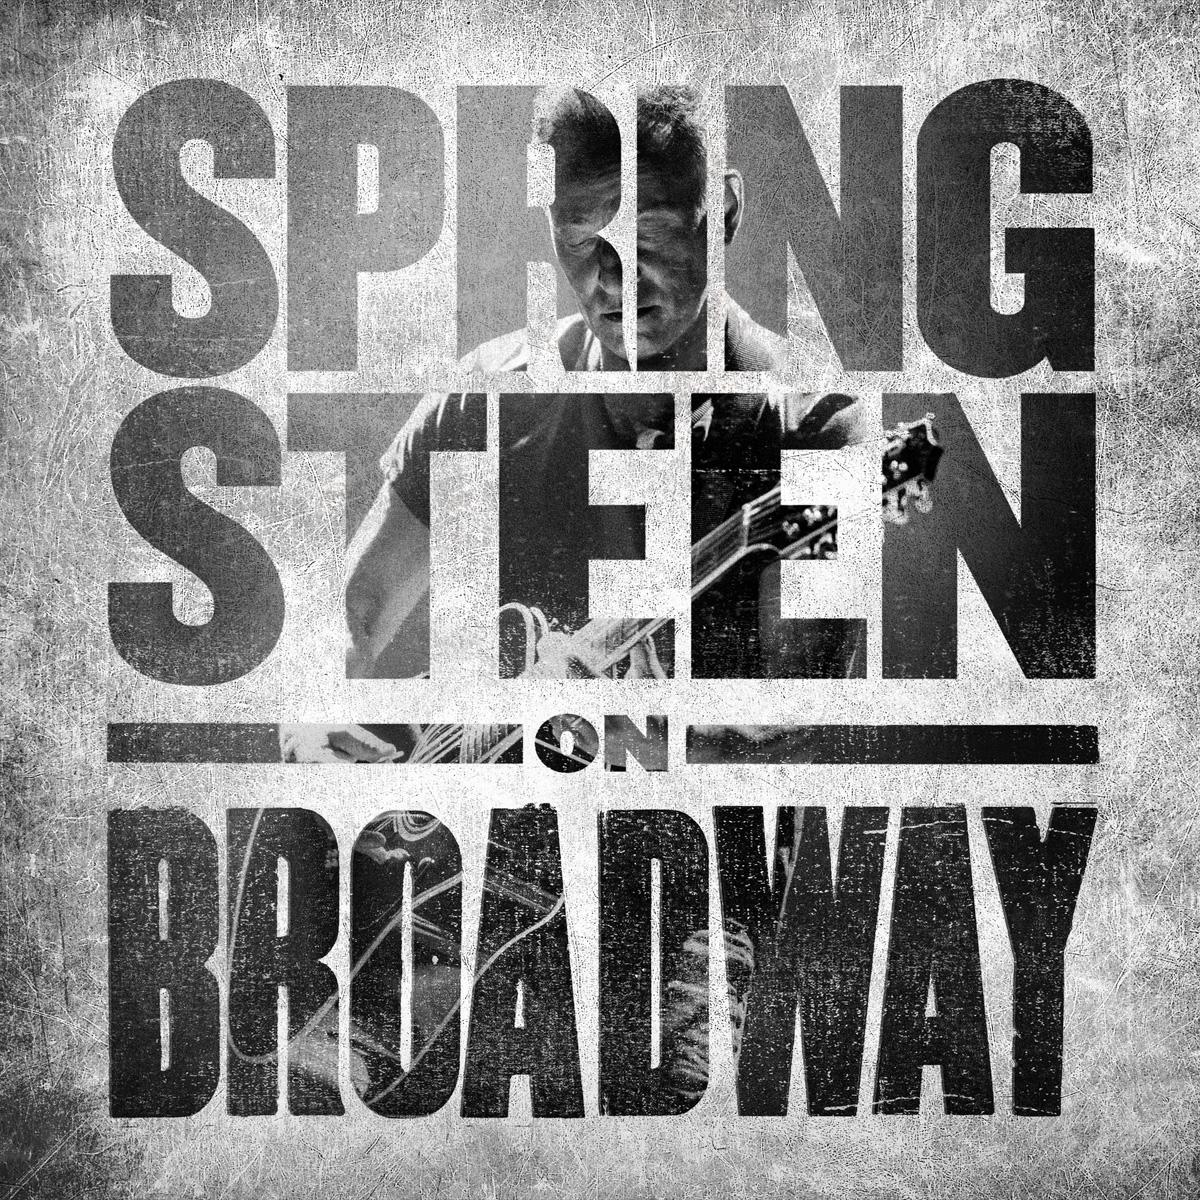 Брюс Спрингстин Bruce Springsteen. Springsteen On Broadway (4 LP) bruce springsteen bruce springsteen mtv plugged 2 lp